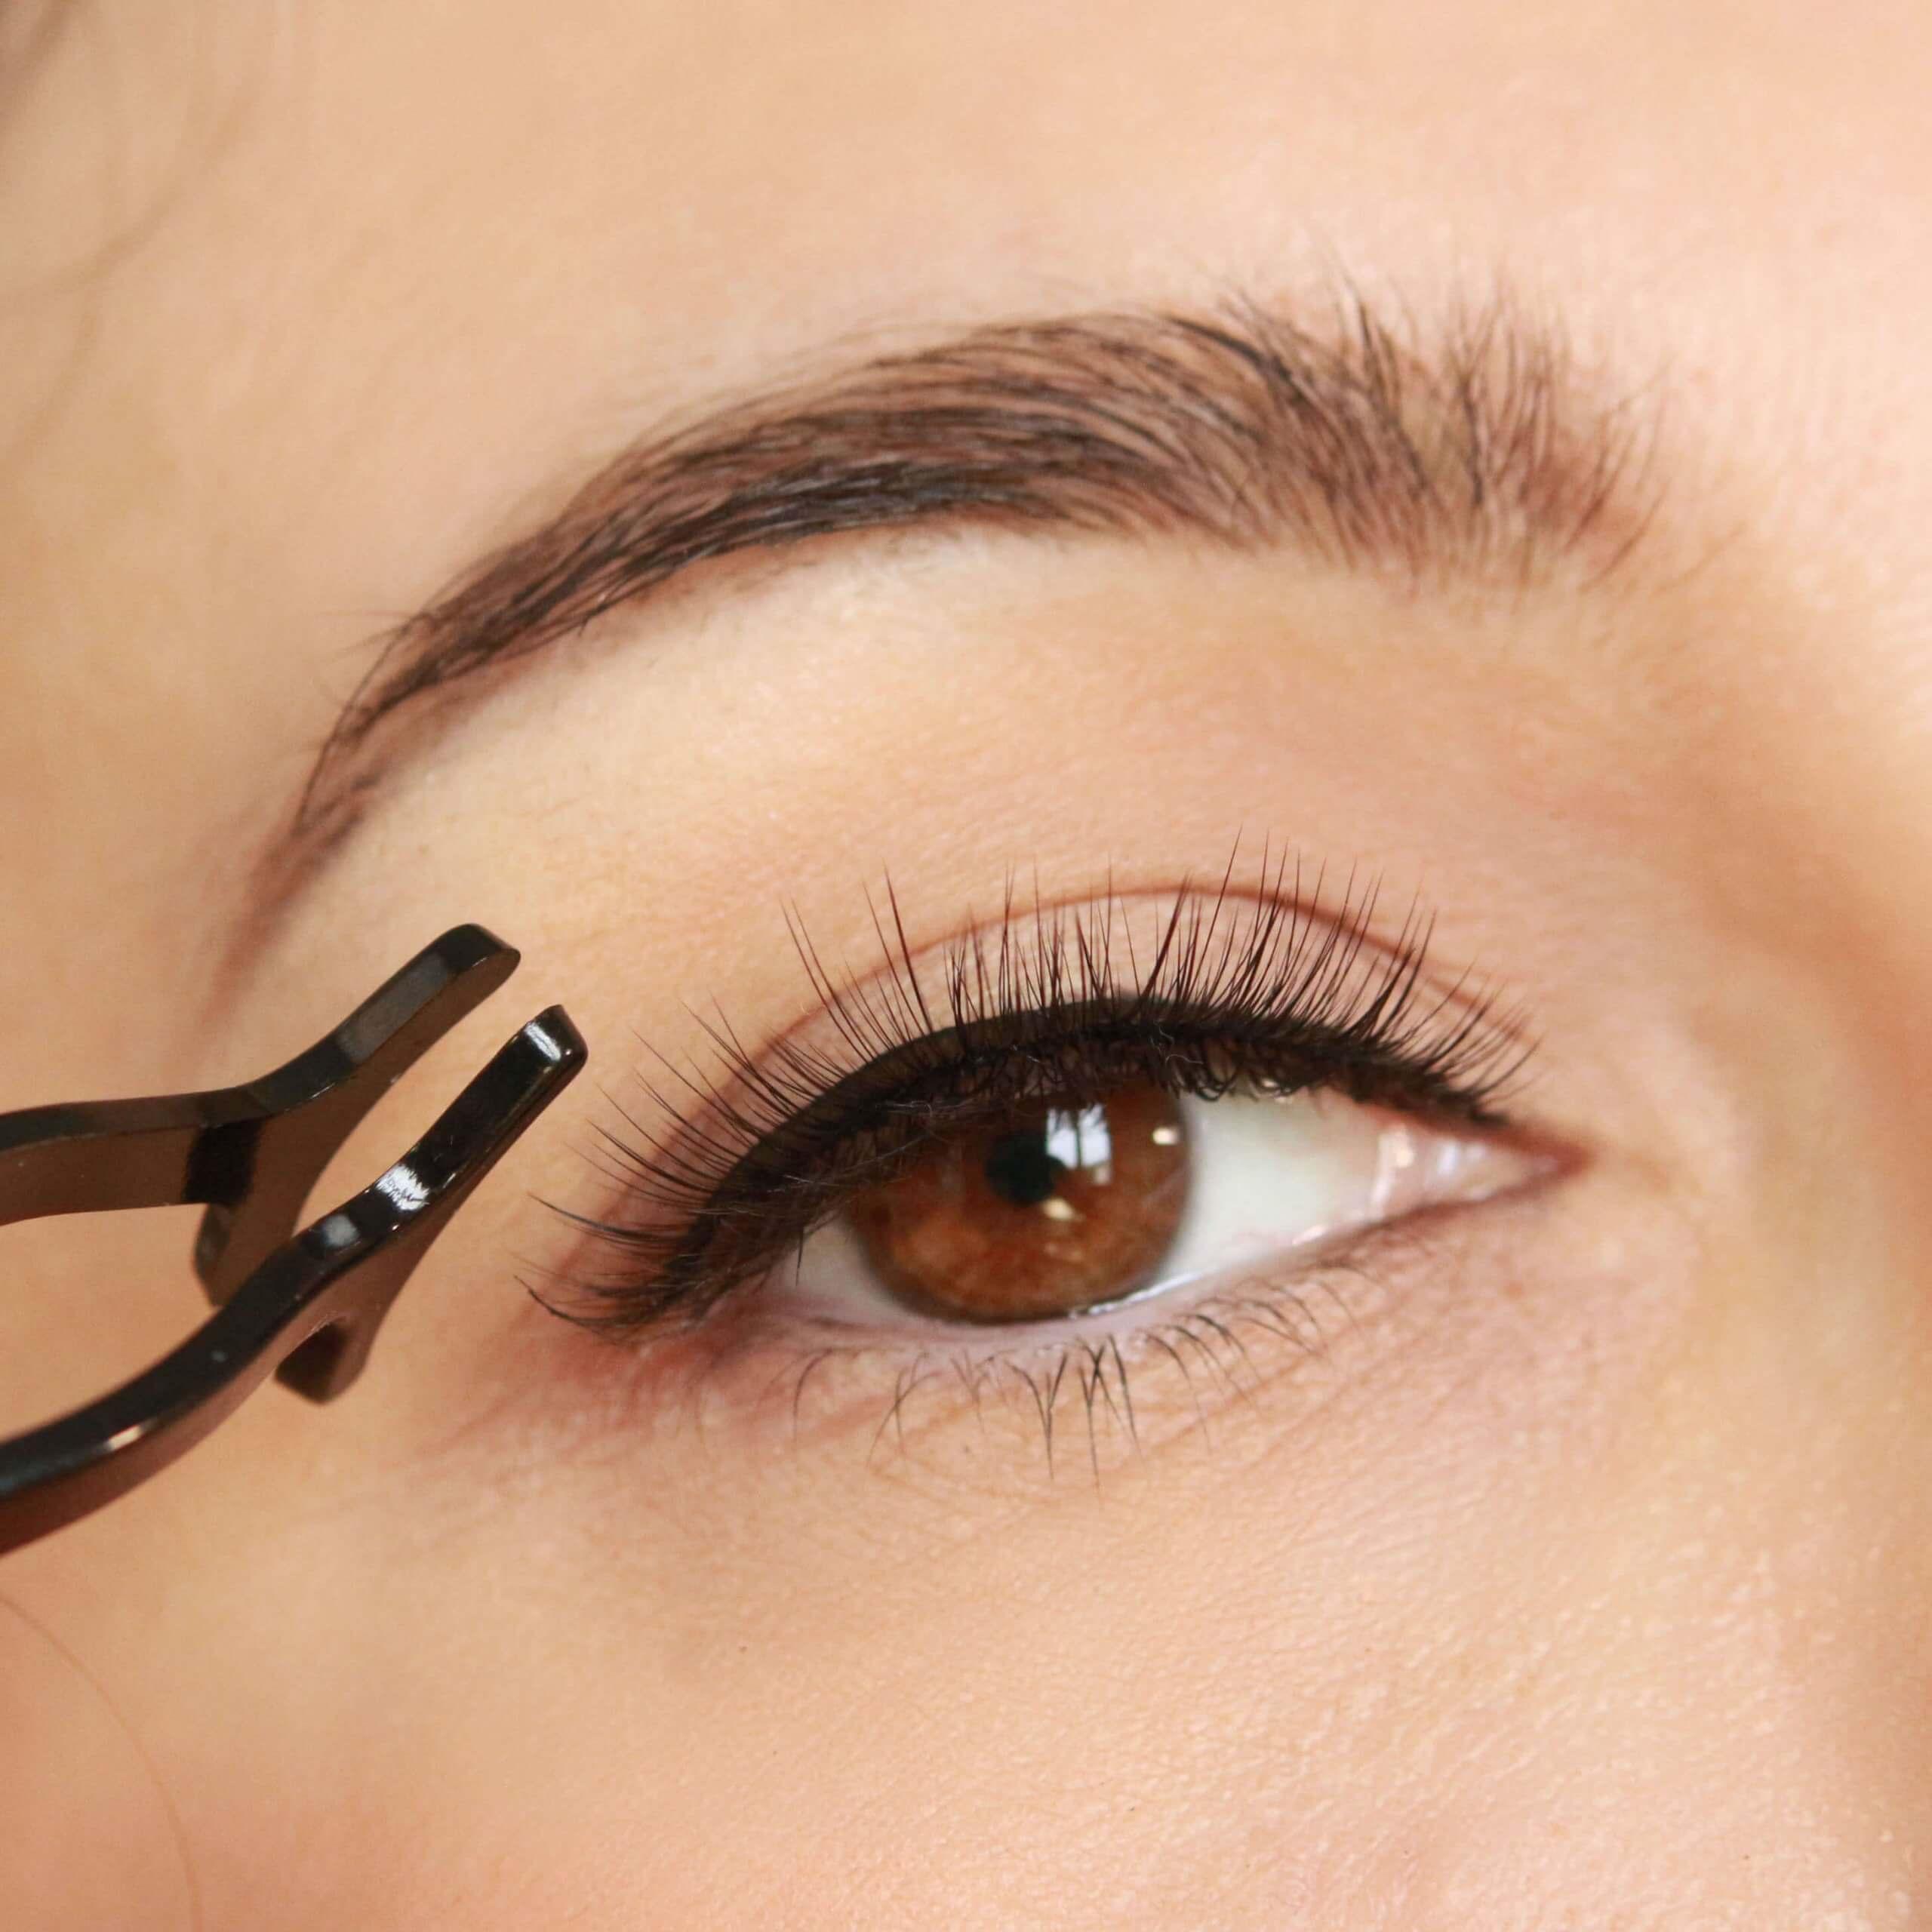 Come mettere l'eyeliner magnetico e le ciglia finte magnetiche. Tutti i consigli.